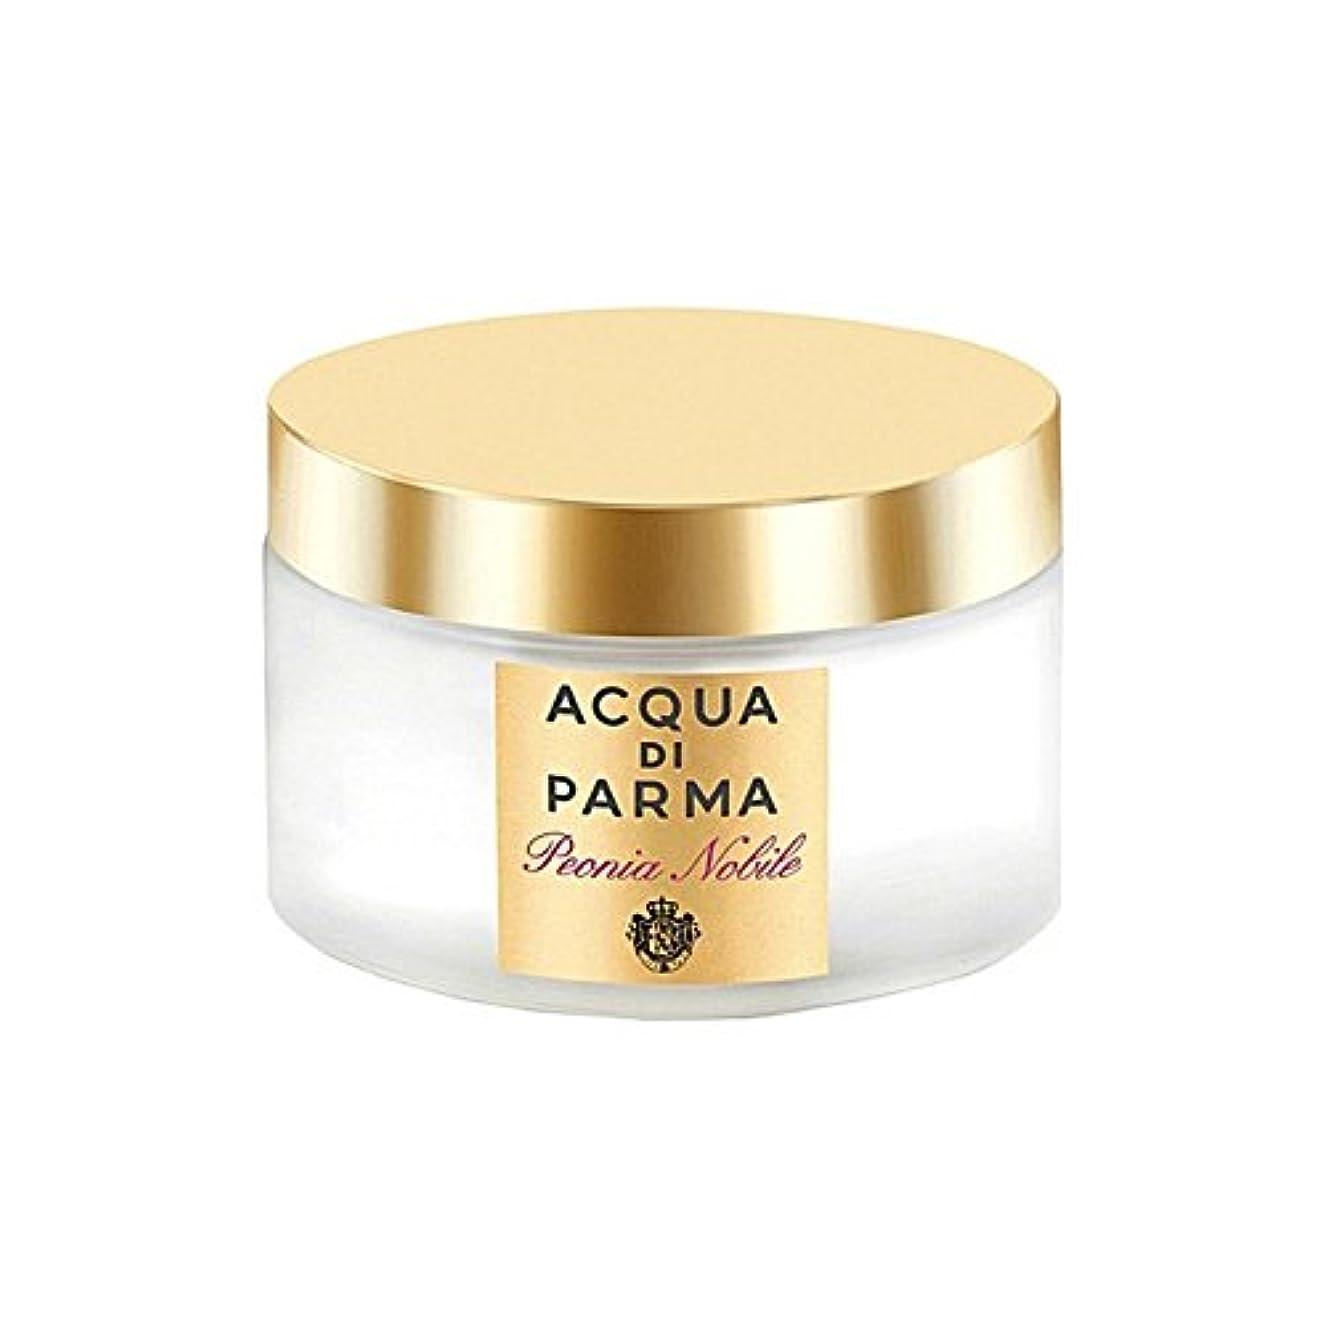 ごみ祭り予防接種Acqua Di Parma Peonia Nobile Body Cream 150ml (Pack of 6) - アクアディパルマノビレボディクリーム150ミリリットル x6 [並行輸入品]